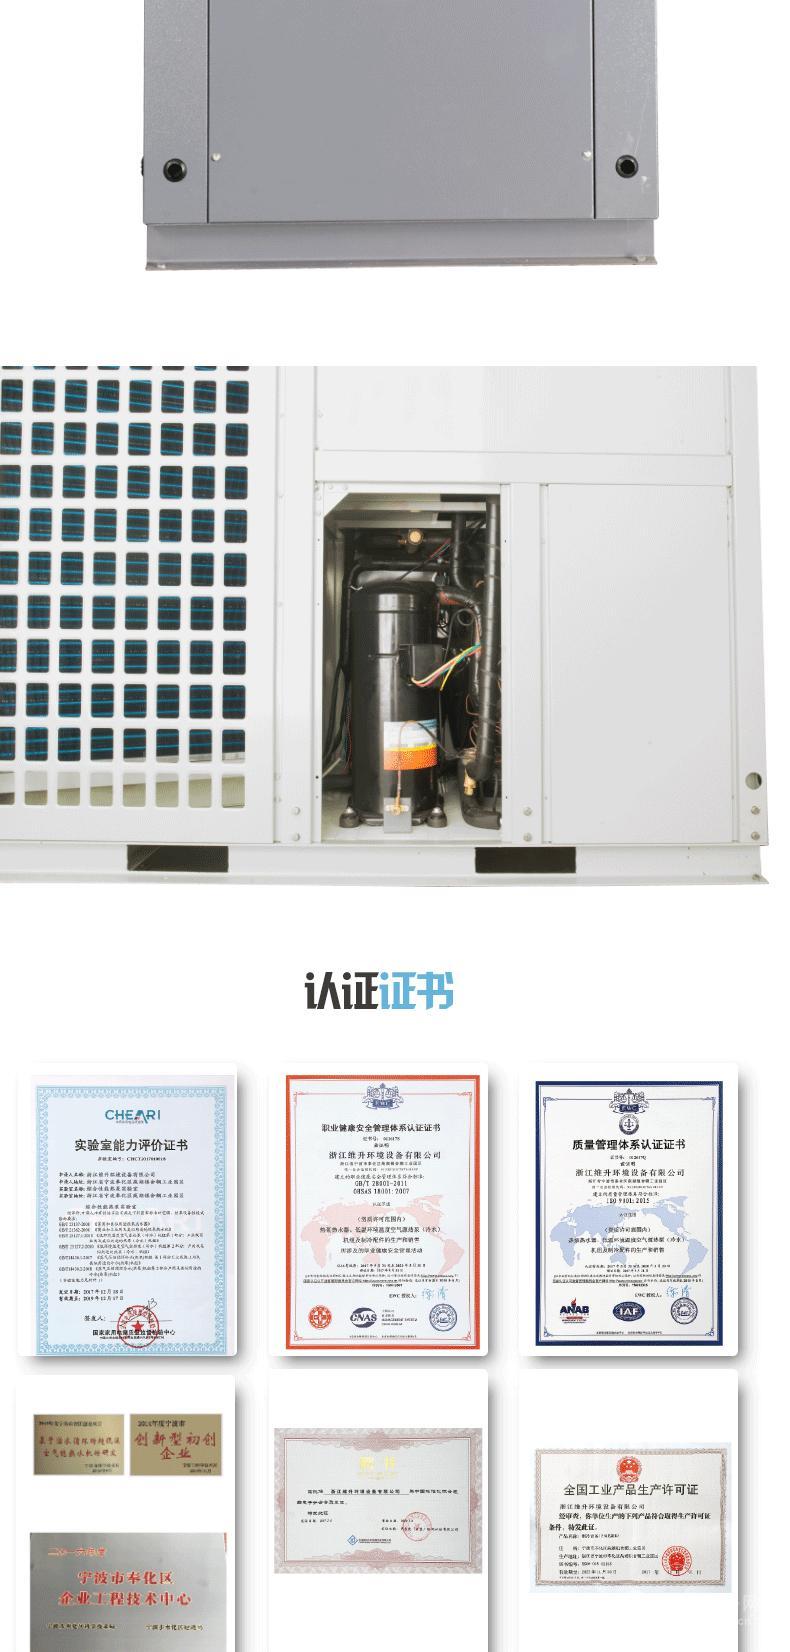 电脑维仺/k�.�_热销维升30匹空气能热泵烘干机khg30